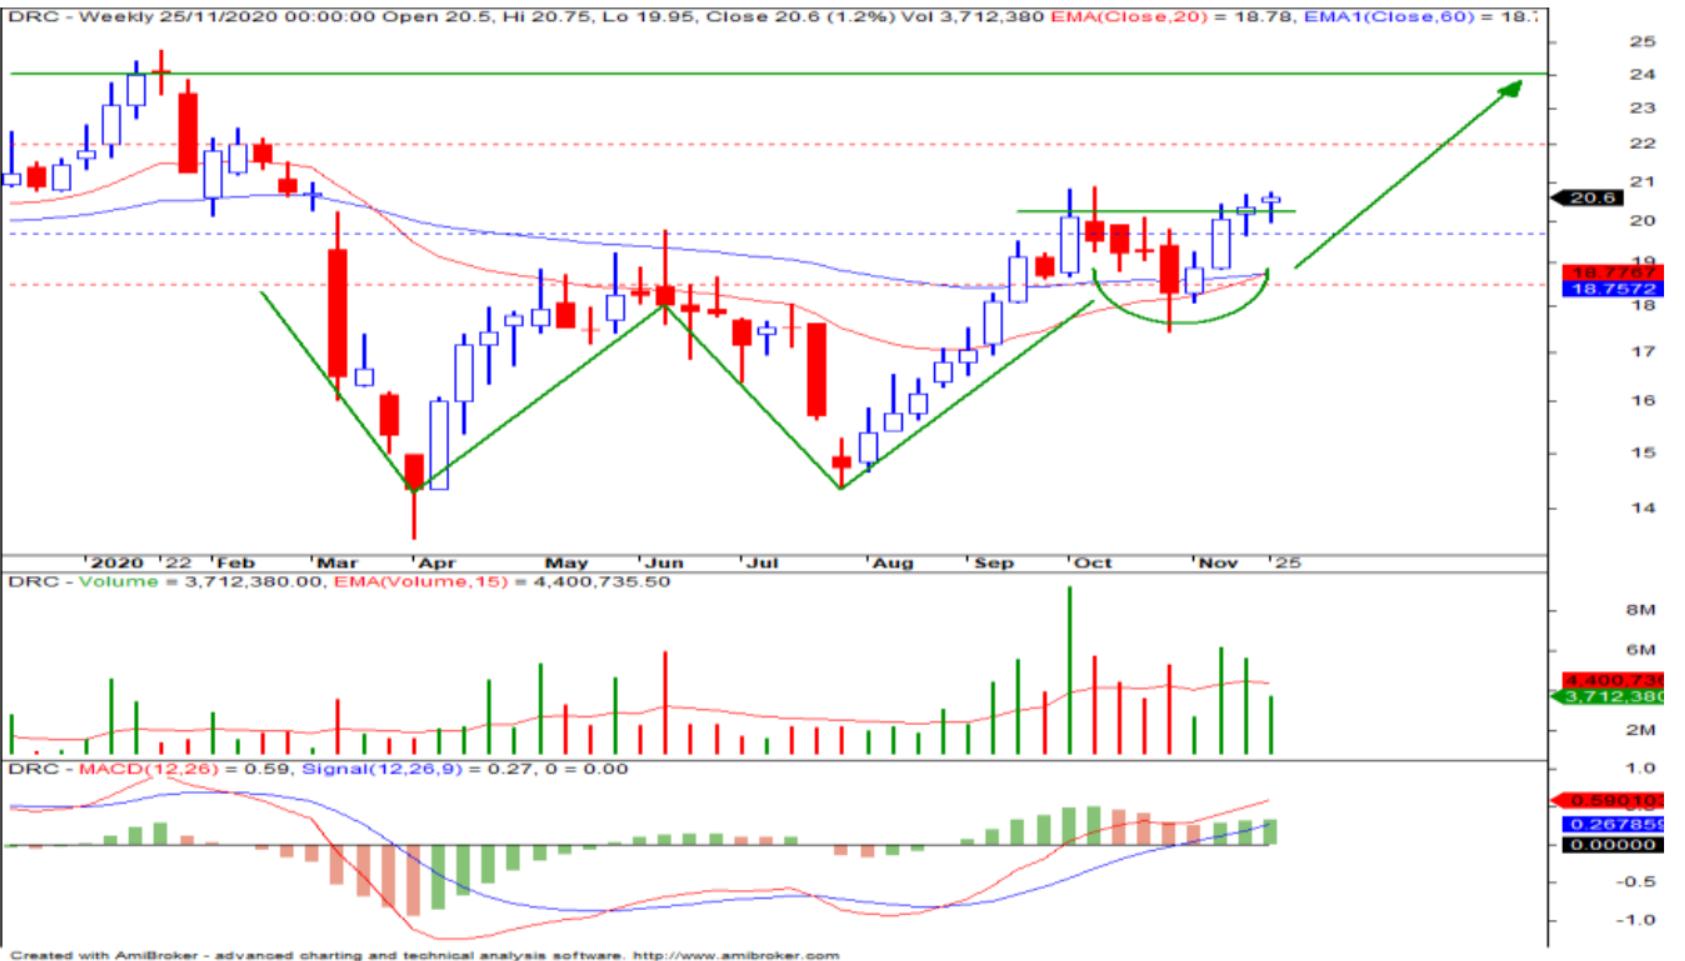 Cổ phiếu tâm điểm ngày 26/11: PNJ, APC, DRC - Ảnh 3.